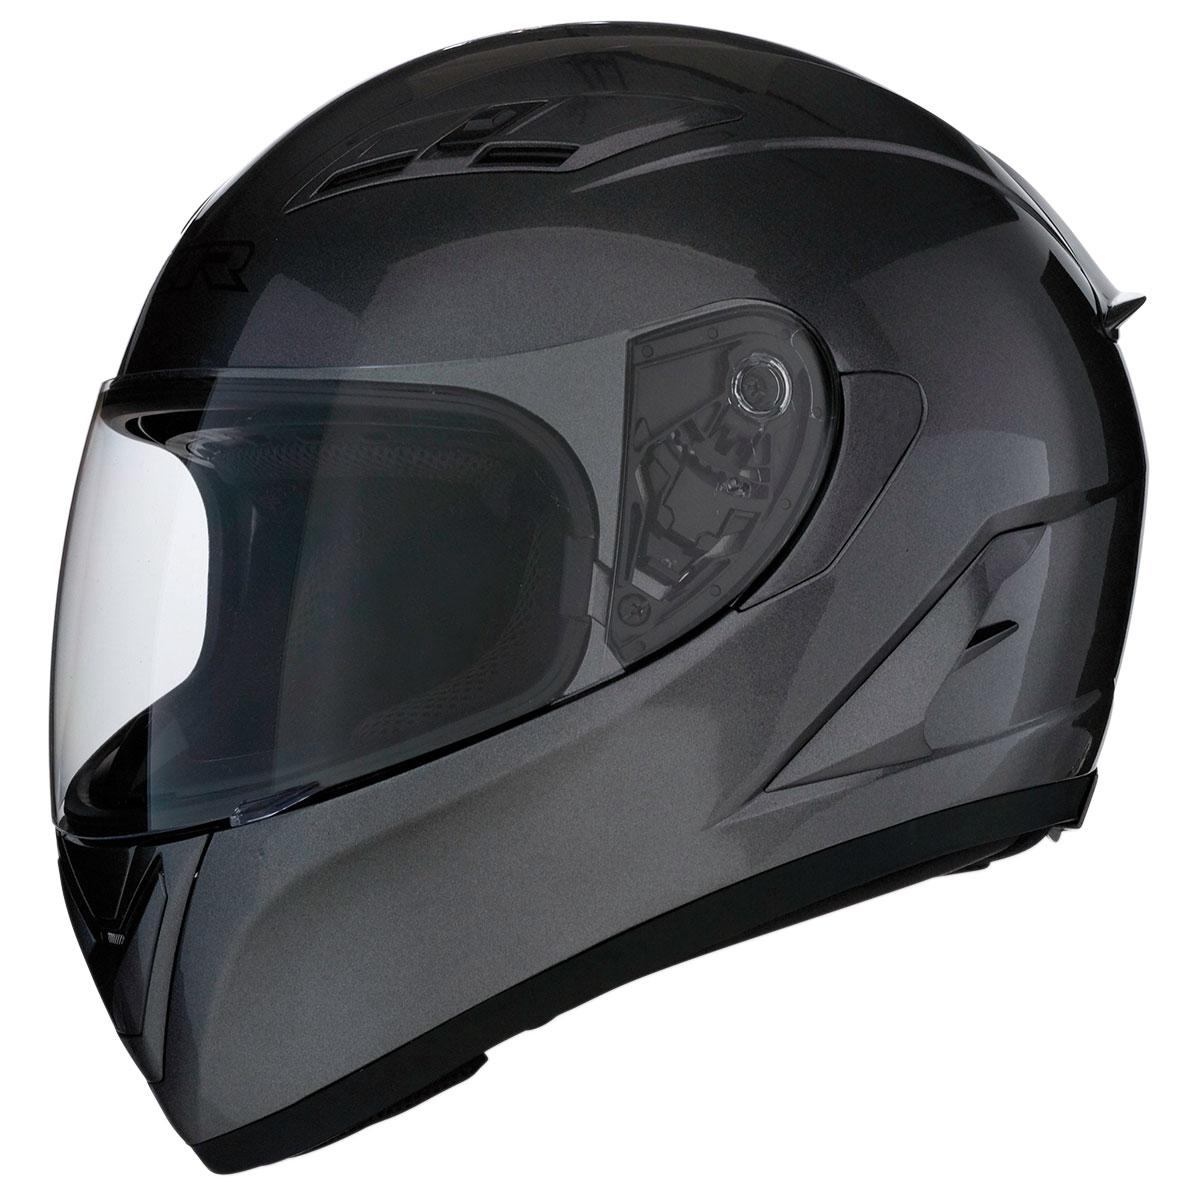 Z1R Strike Ops Titanium Full Face Helmet